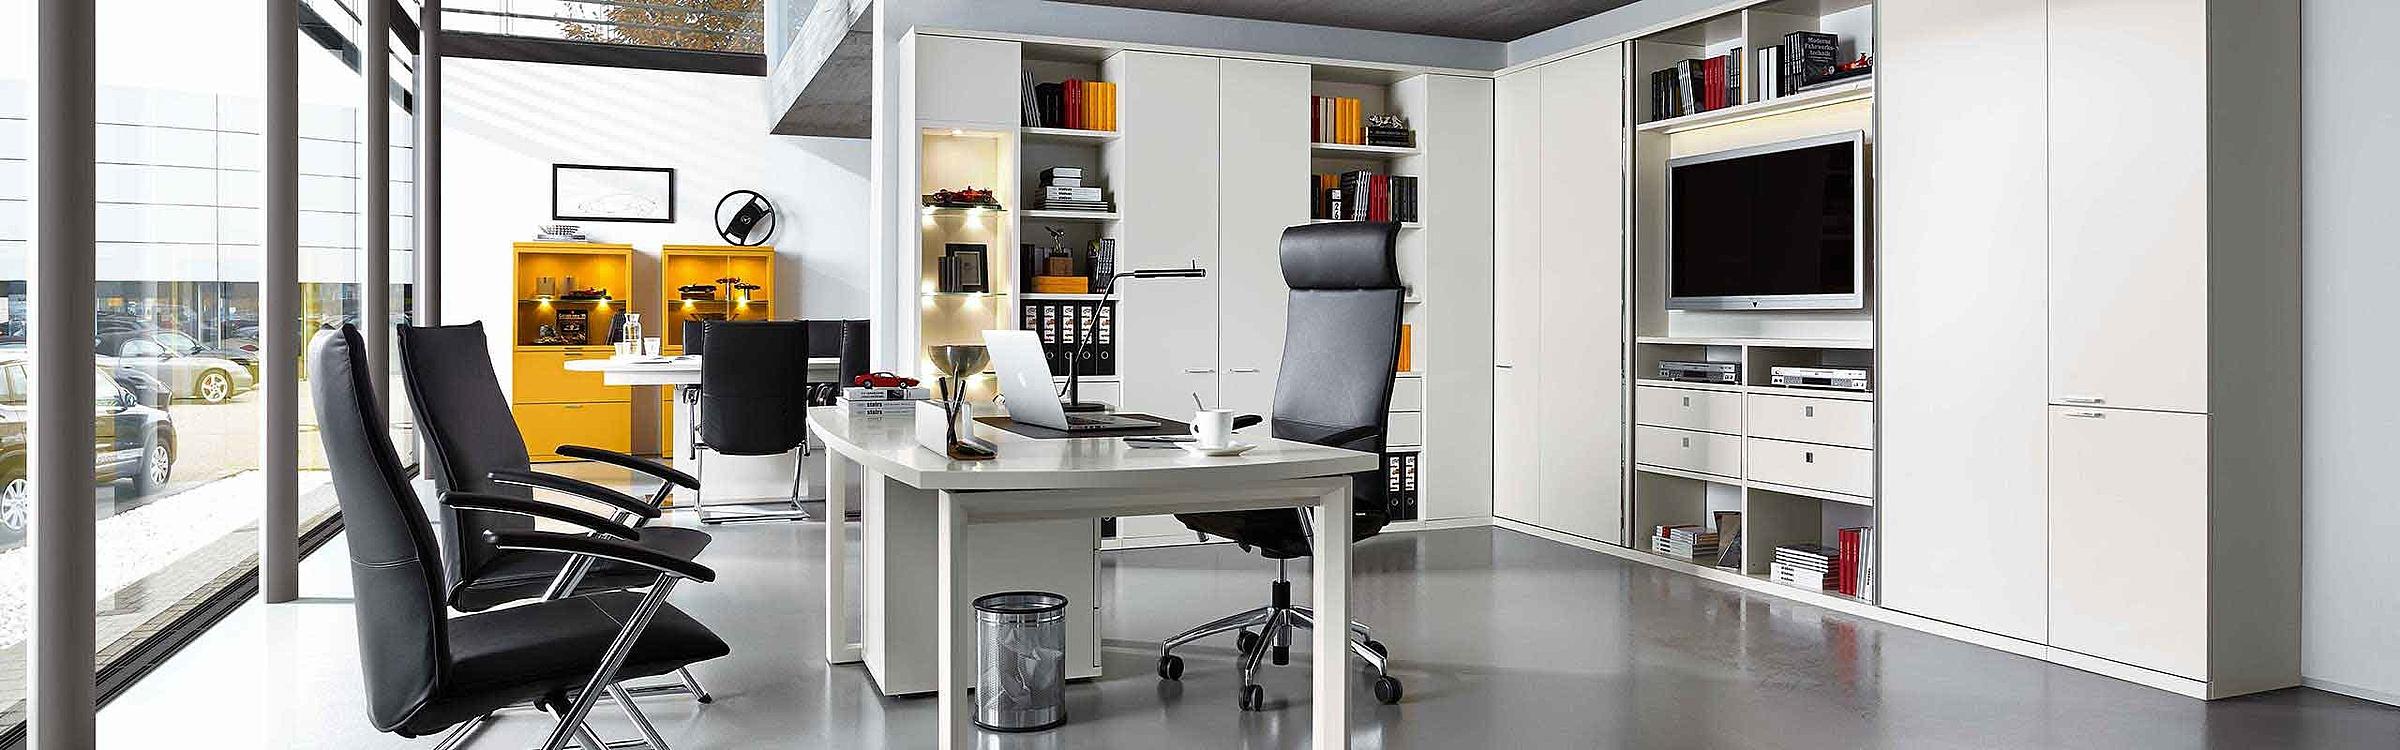 Schreibtisch Büro Siena Lack weiß gelb